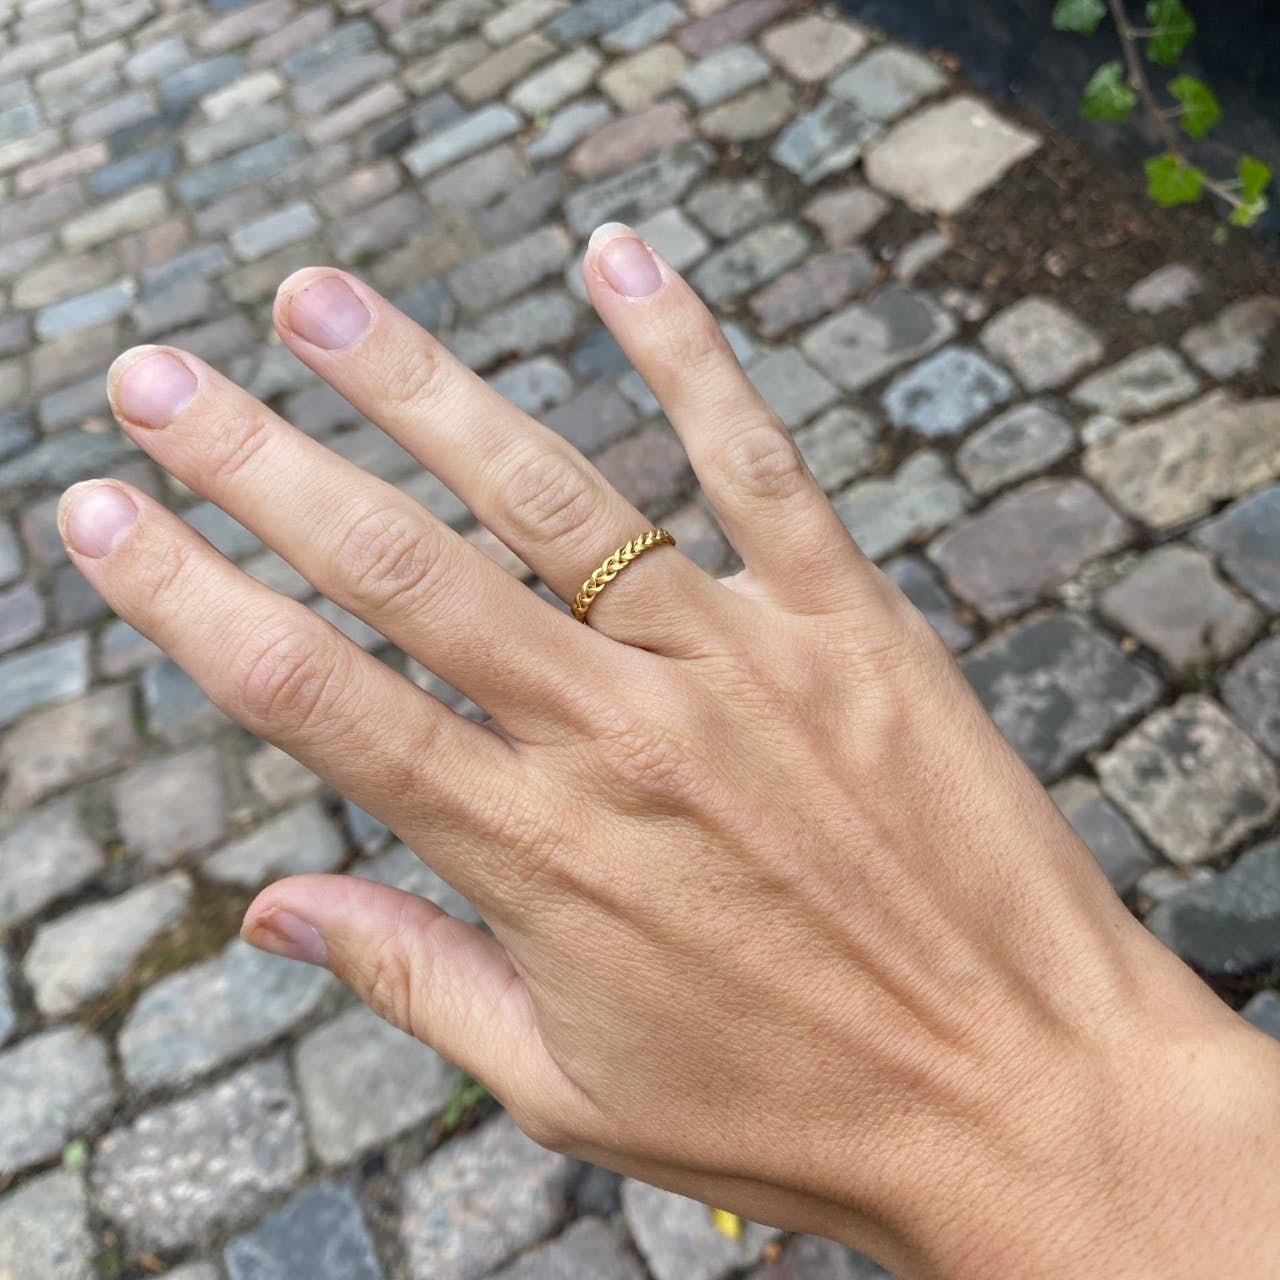 Small Braided Ring von Jane Kønig in Vergoldet-Silber Sterling 925